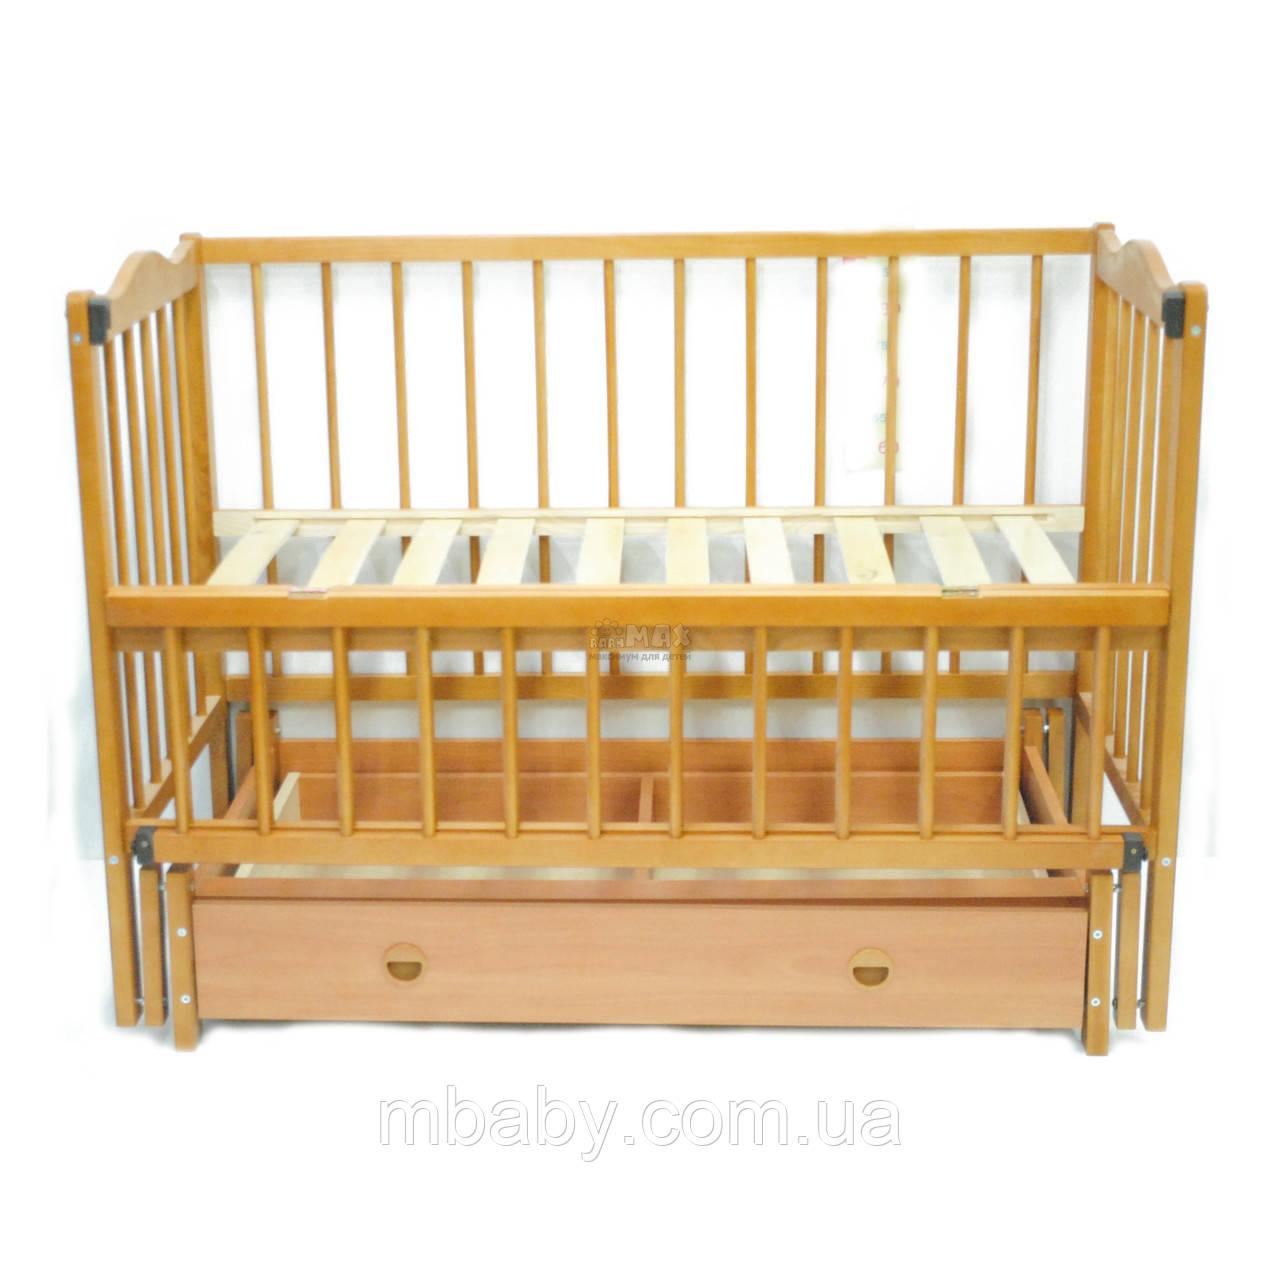 Детская кроватка Ангелина (цвет натуральный), шарнир-подшипник-ящик, одкидная боковина